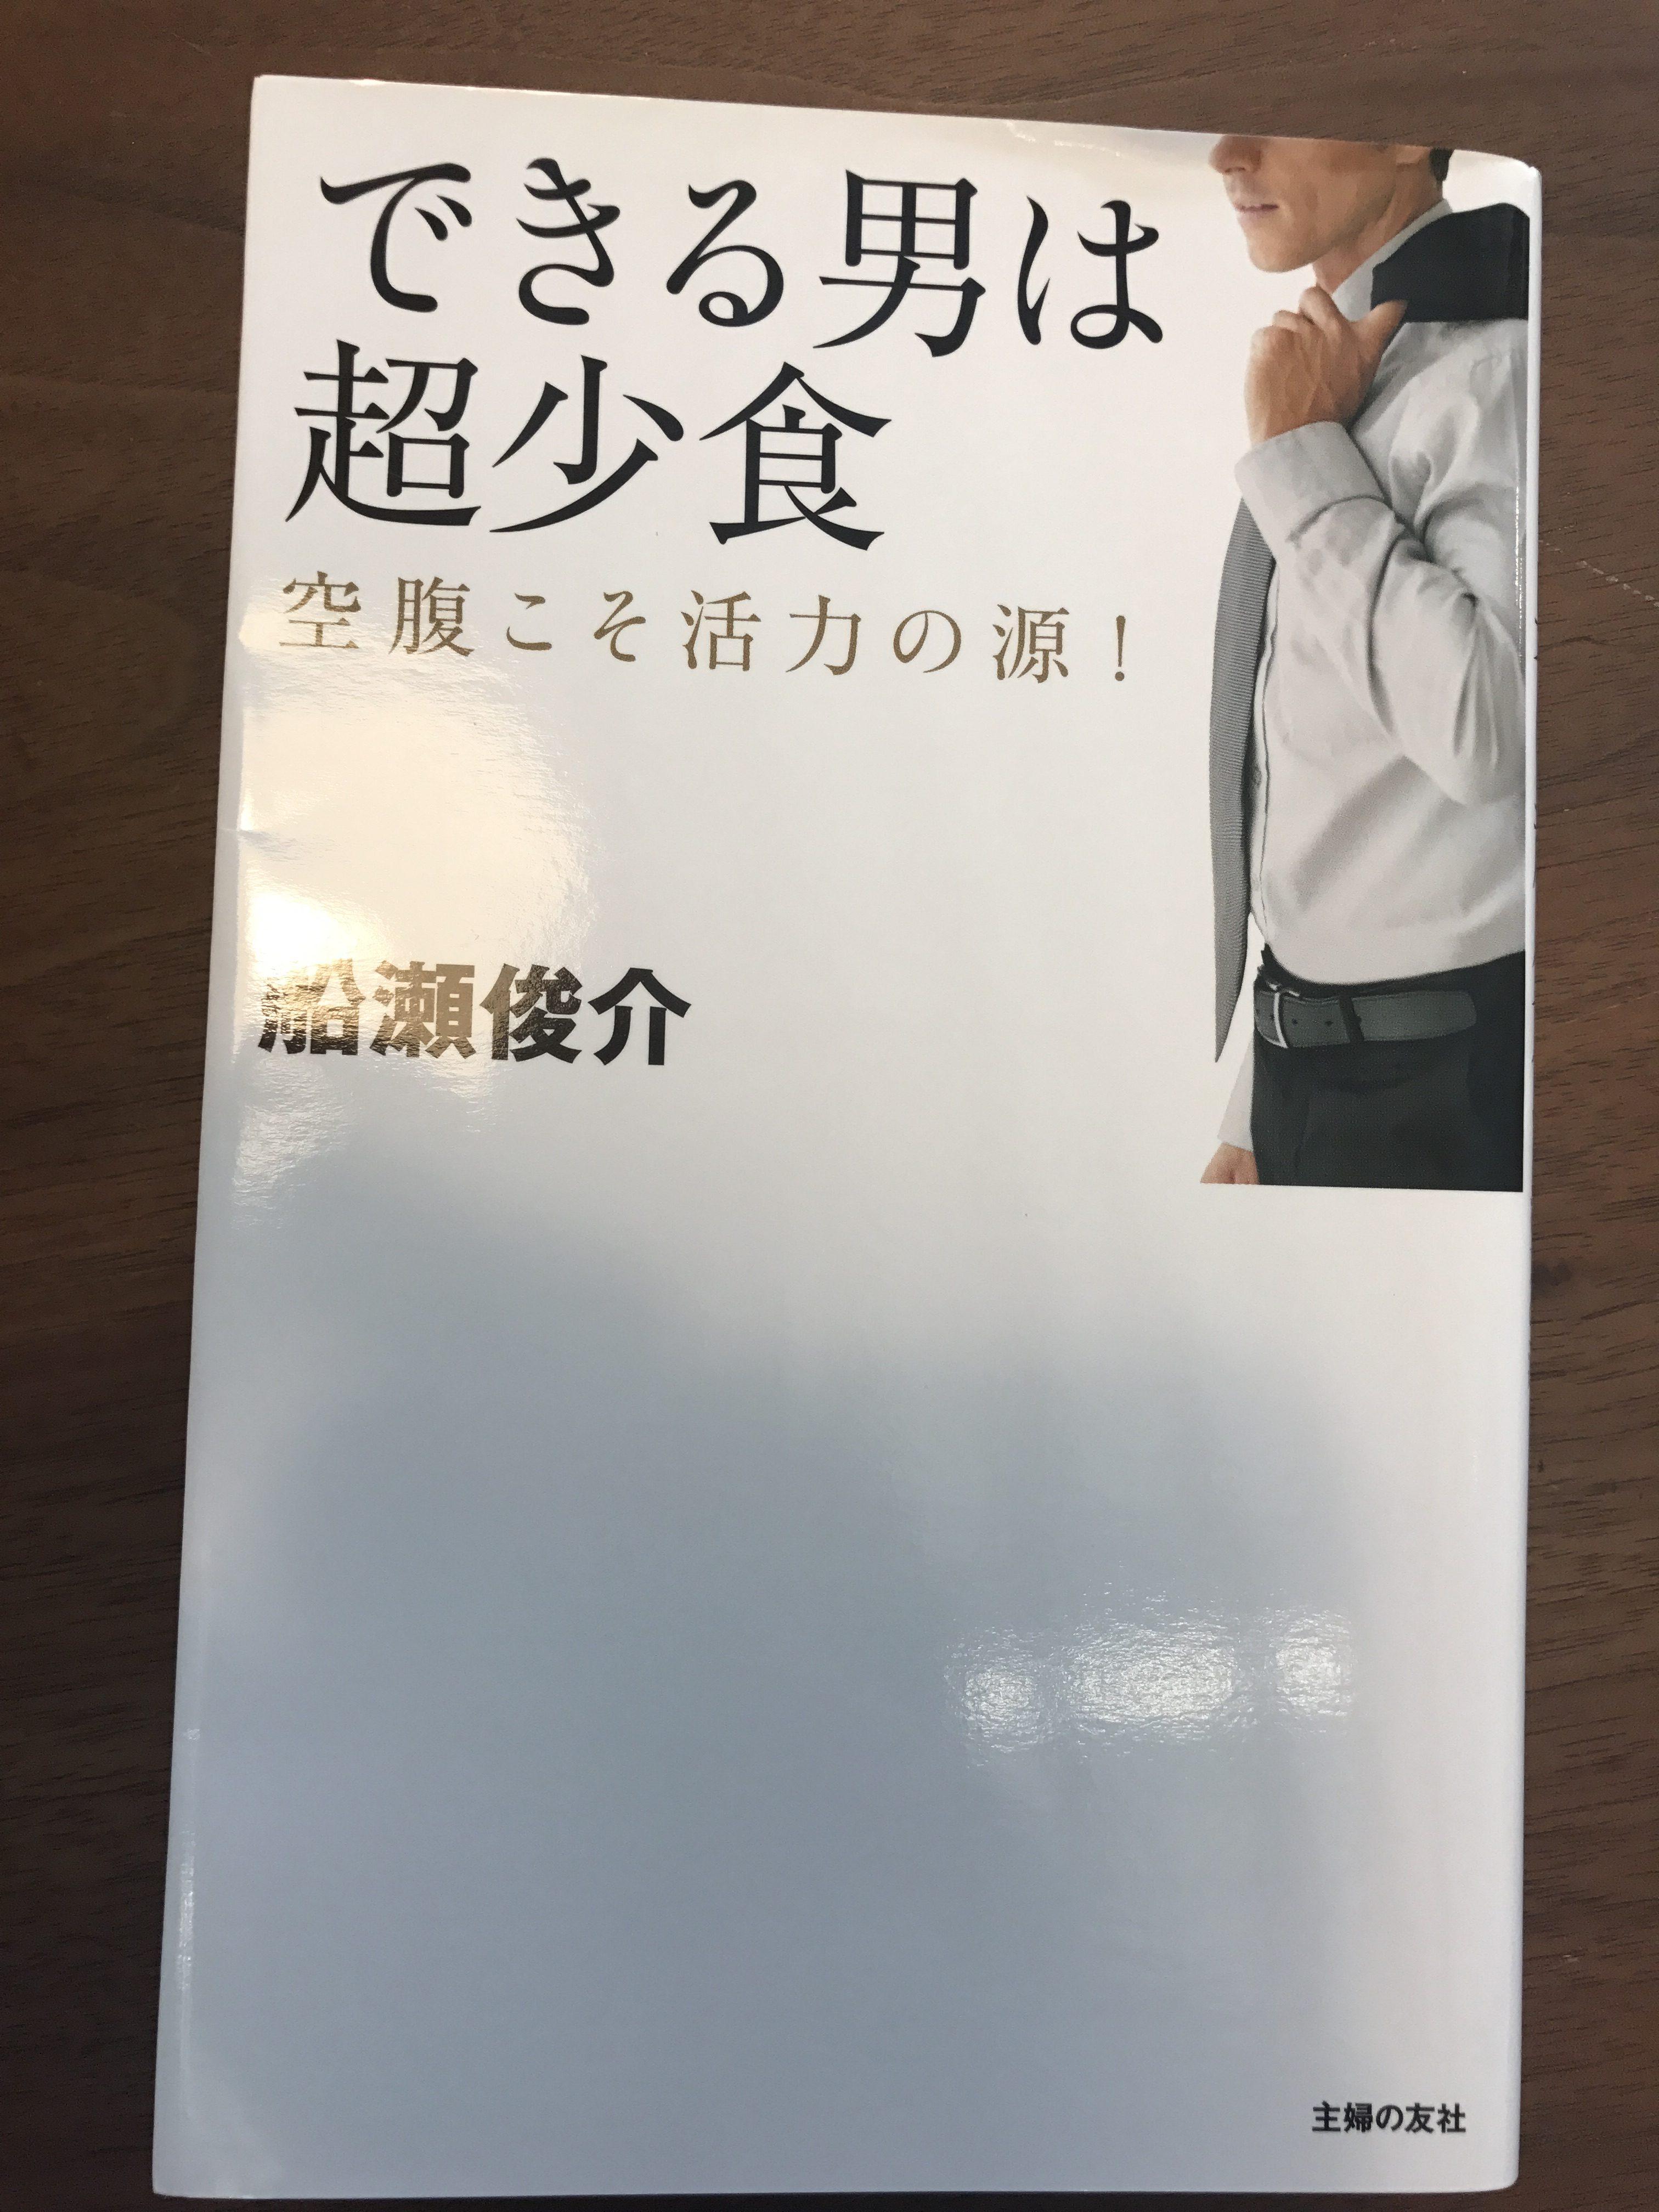 できる男は超少食!!!